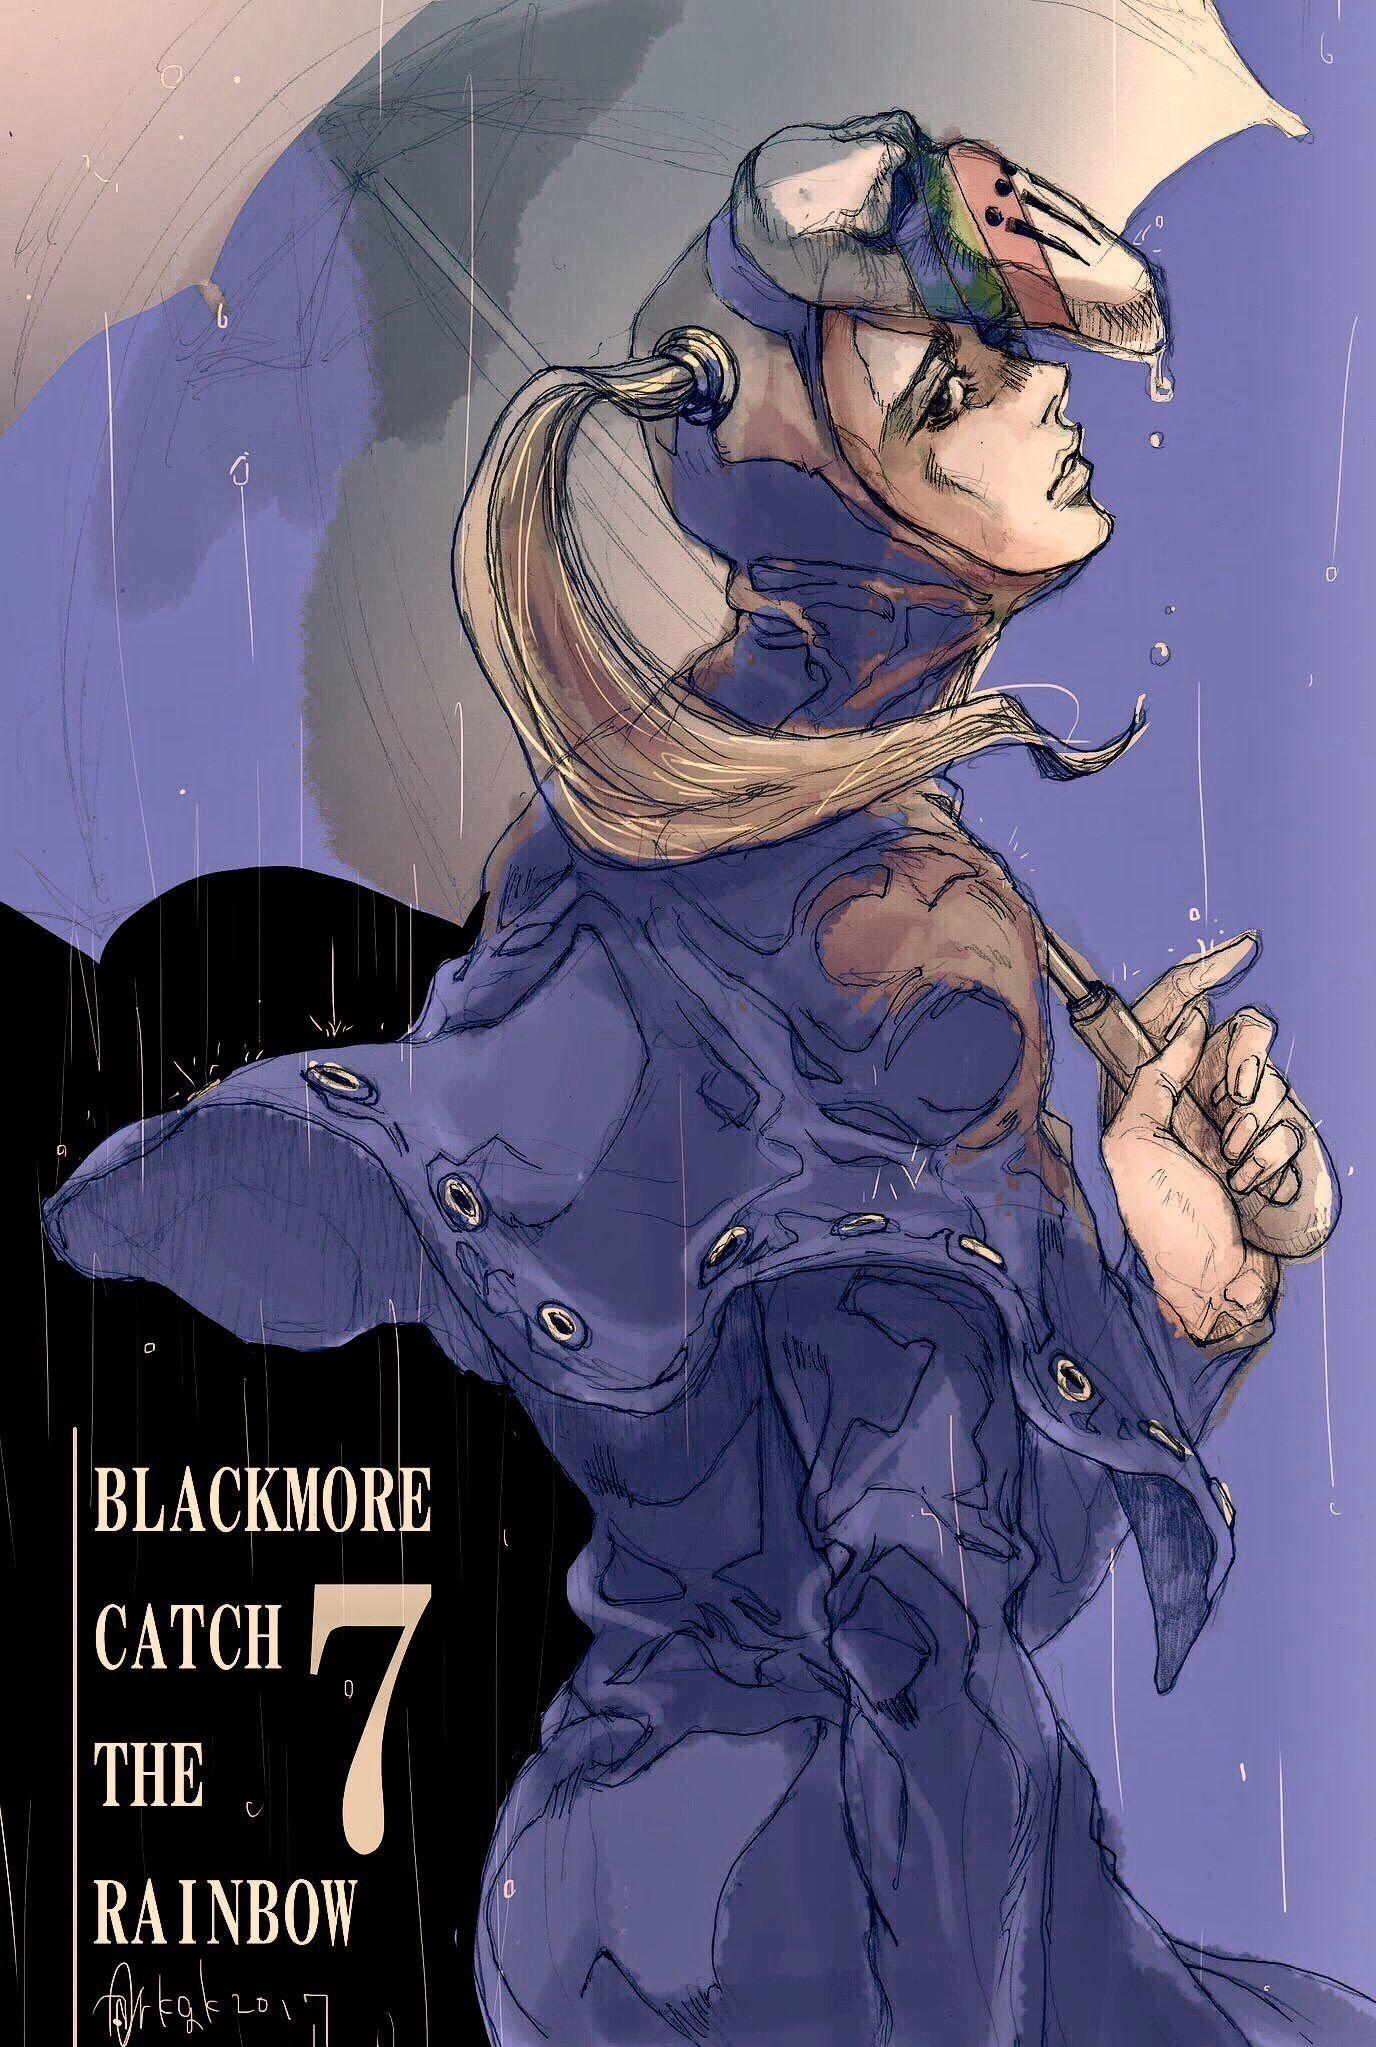 Blackmore Catch The Rainbow Sbr Jojo Bizzare Adventure Jojo Bizarre Jojo S Bizarre Adventure